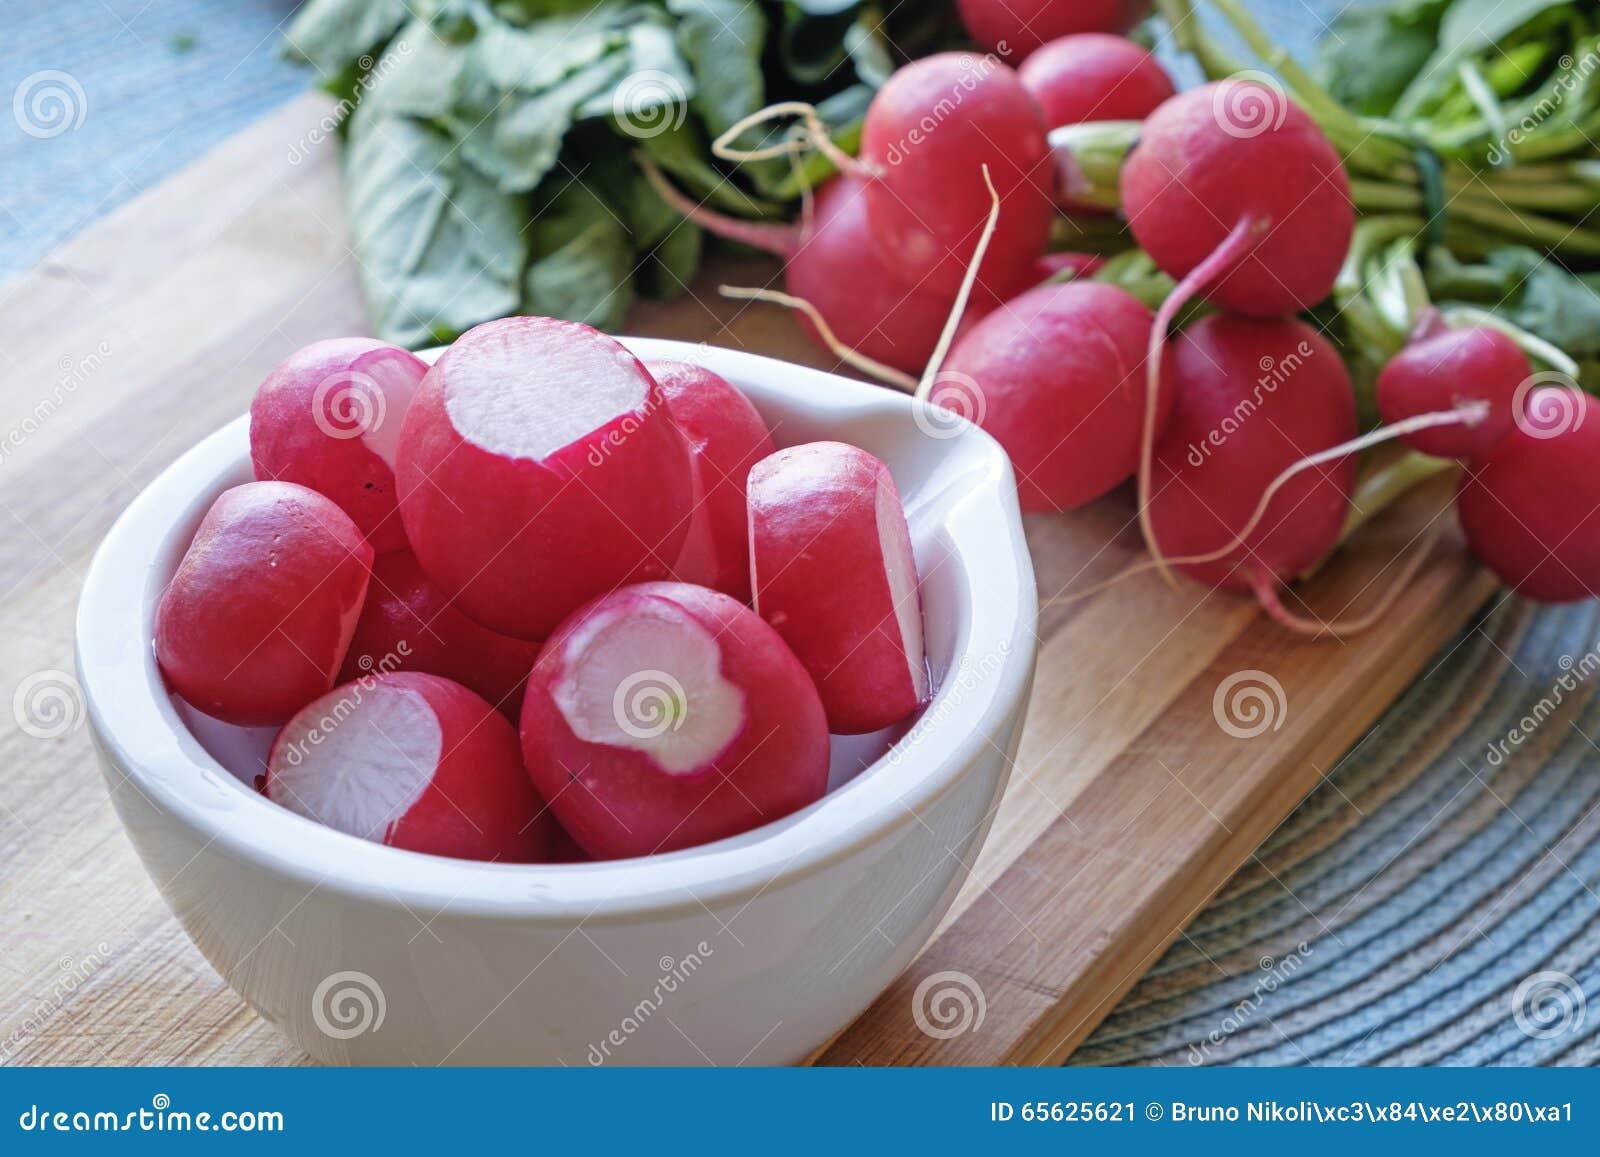 Les radis rouges dans un paysage en céramique blanc de cuvette cultivent